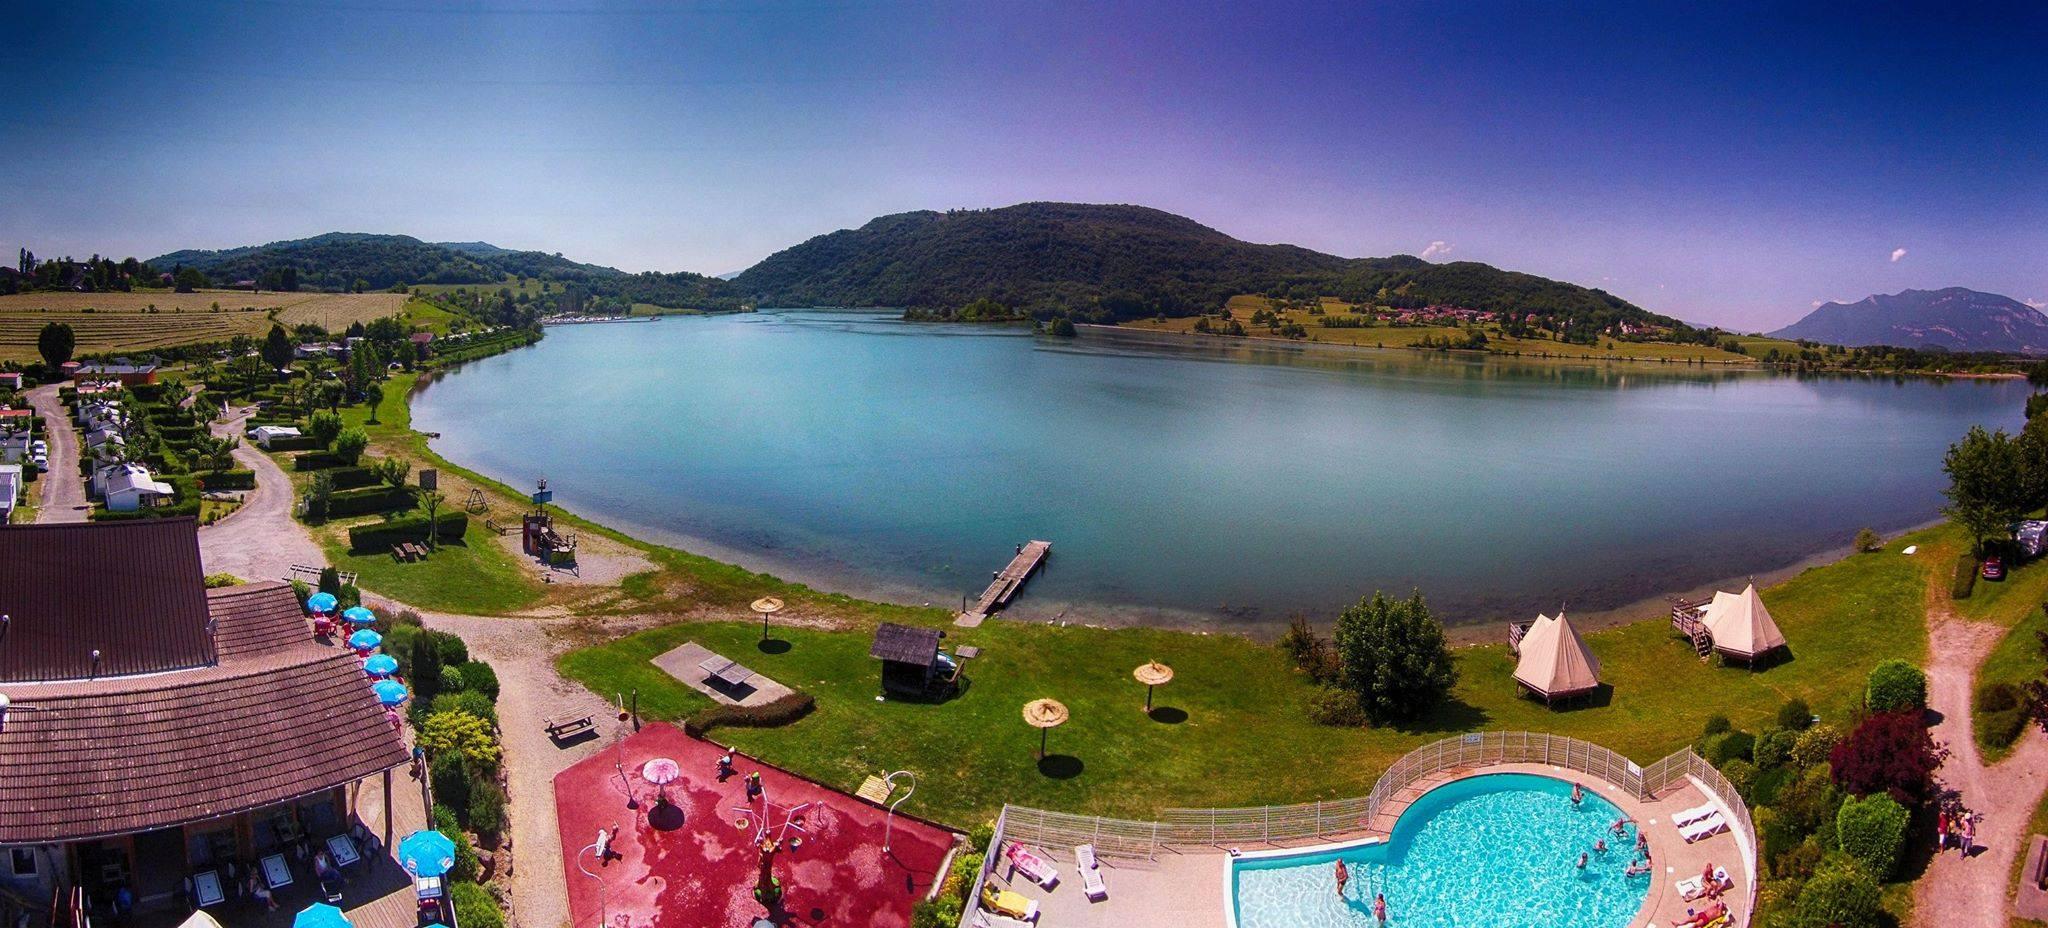 Pourquoi choisir la Savoie pour ses vacances en camping ?